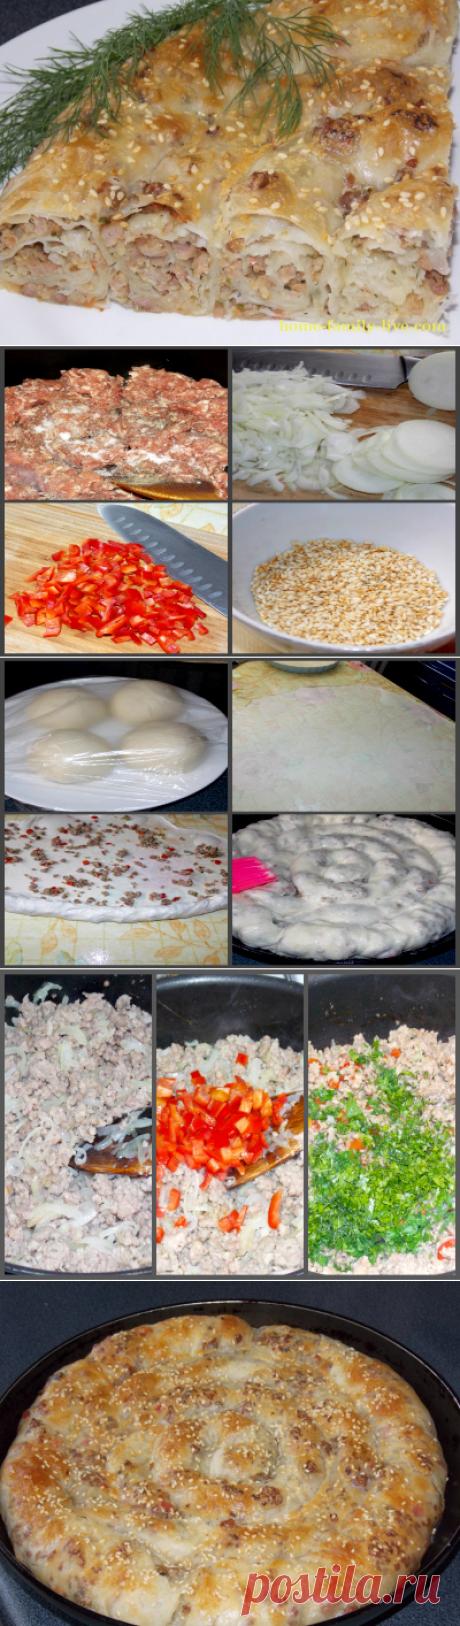 Бёрек/Сайт с пошаговыми рецептами с фото для тех кто любит готовить